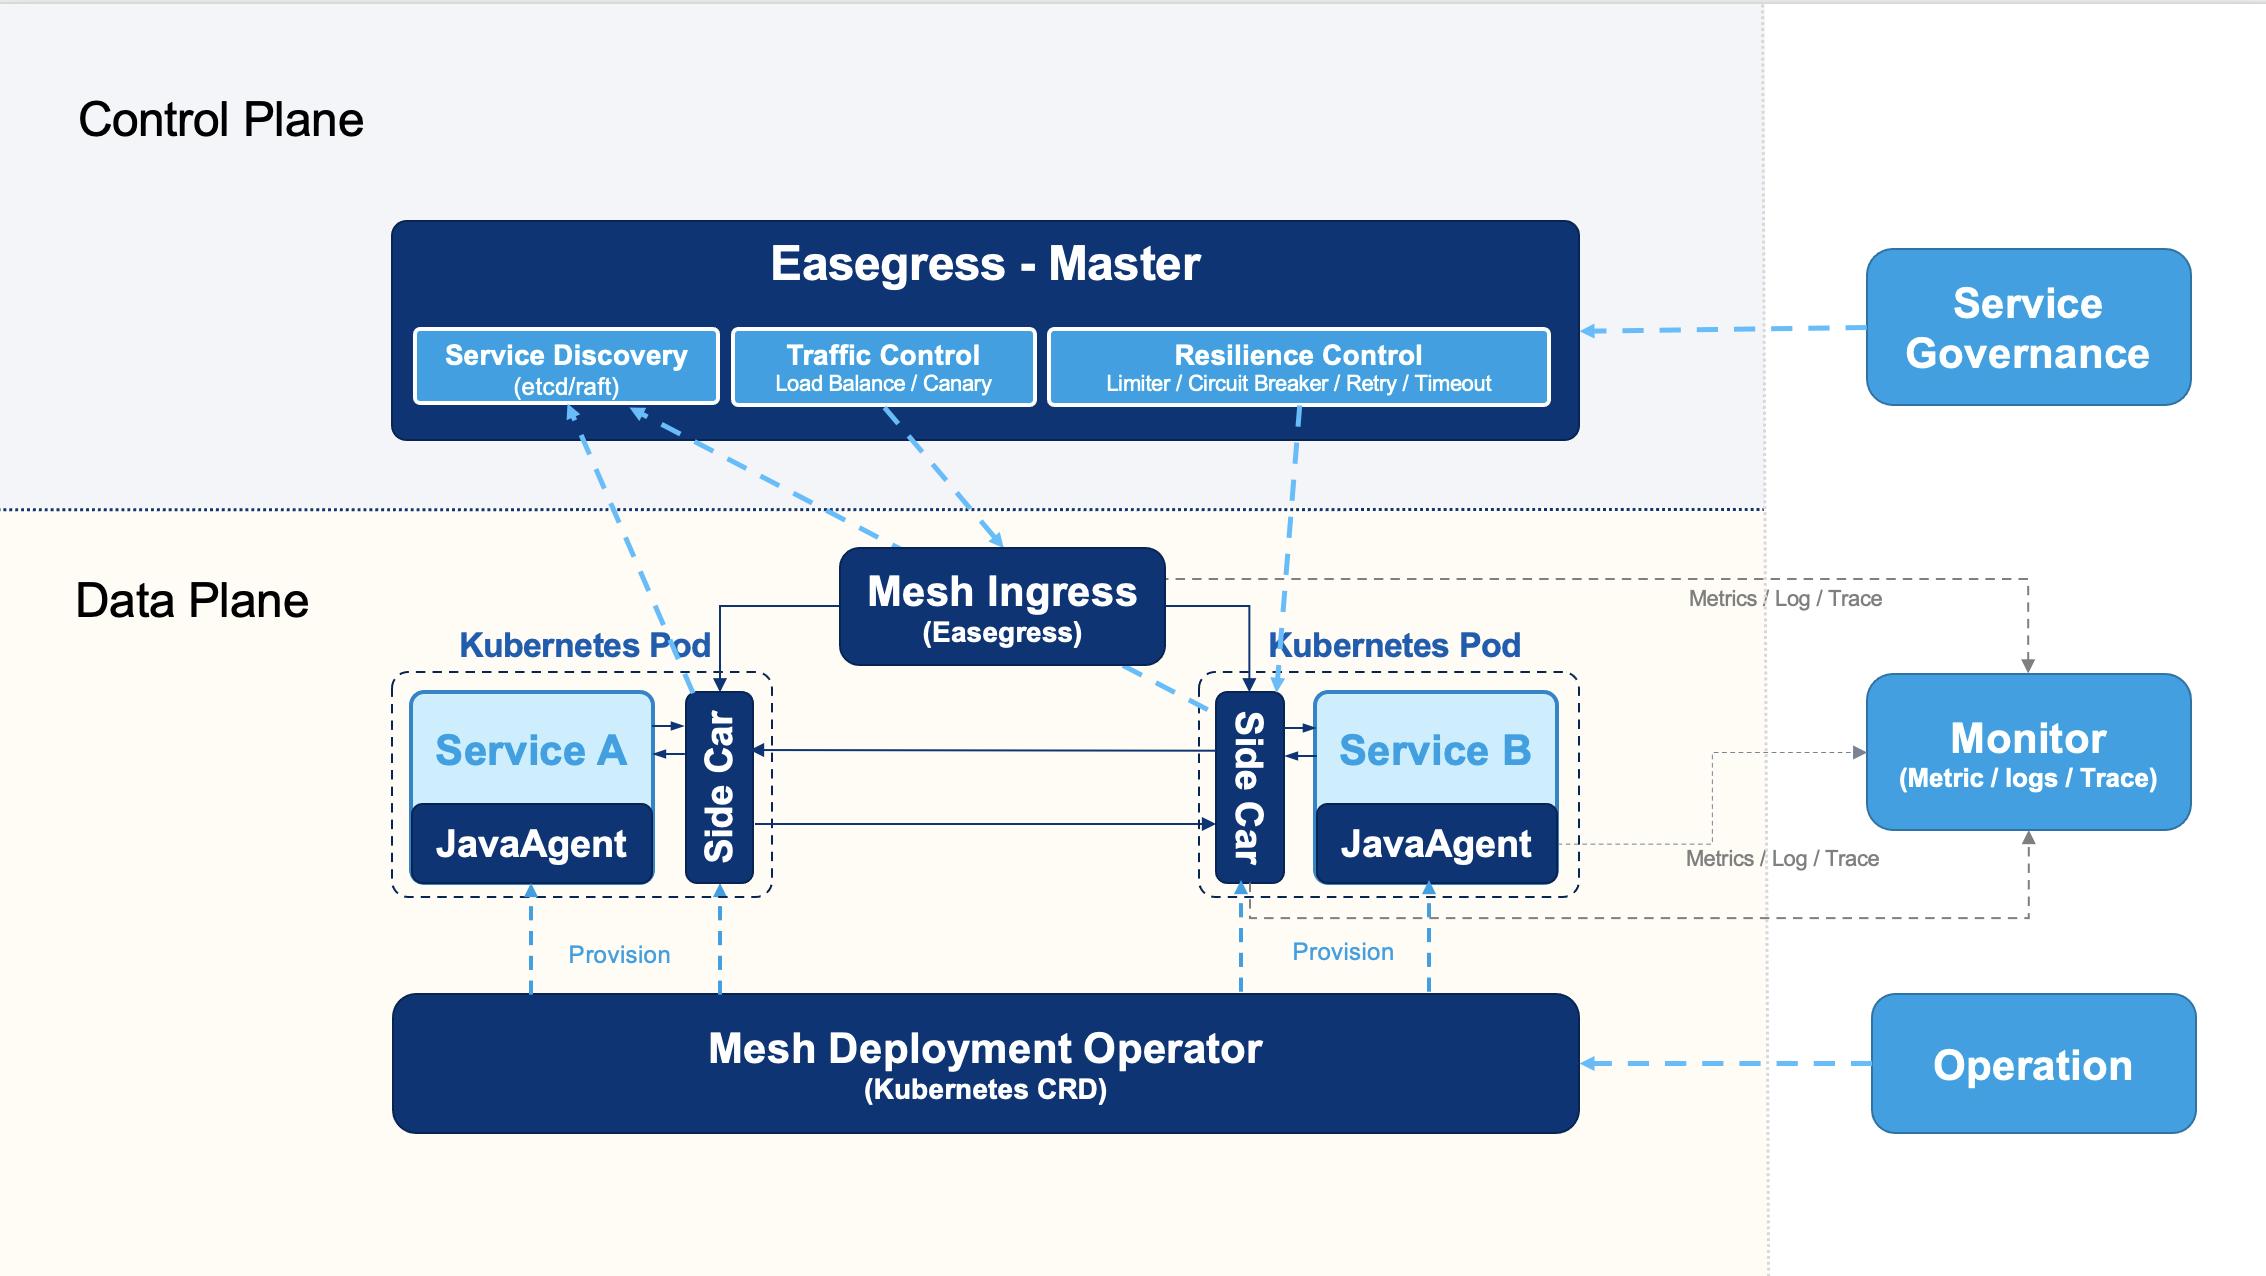 The architecture diagram